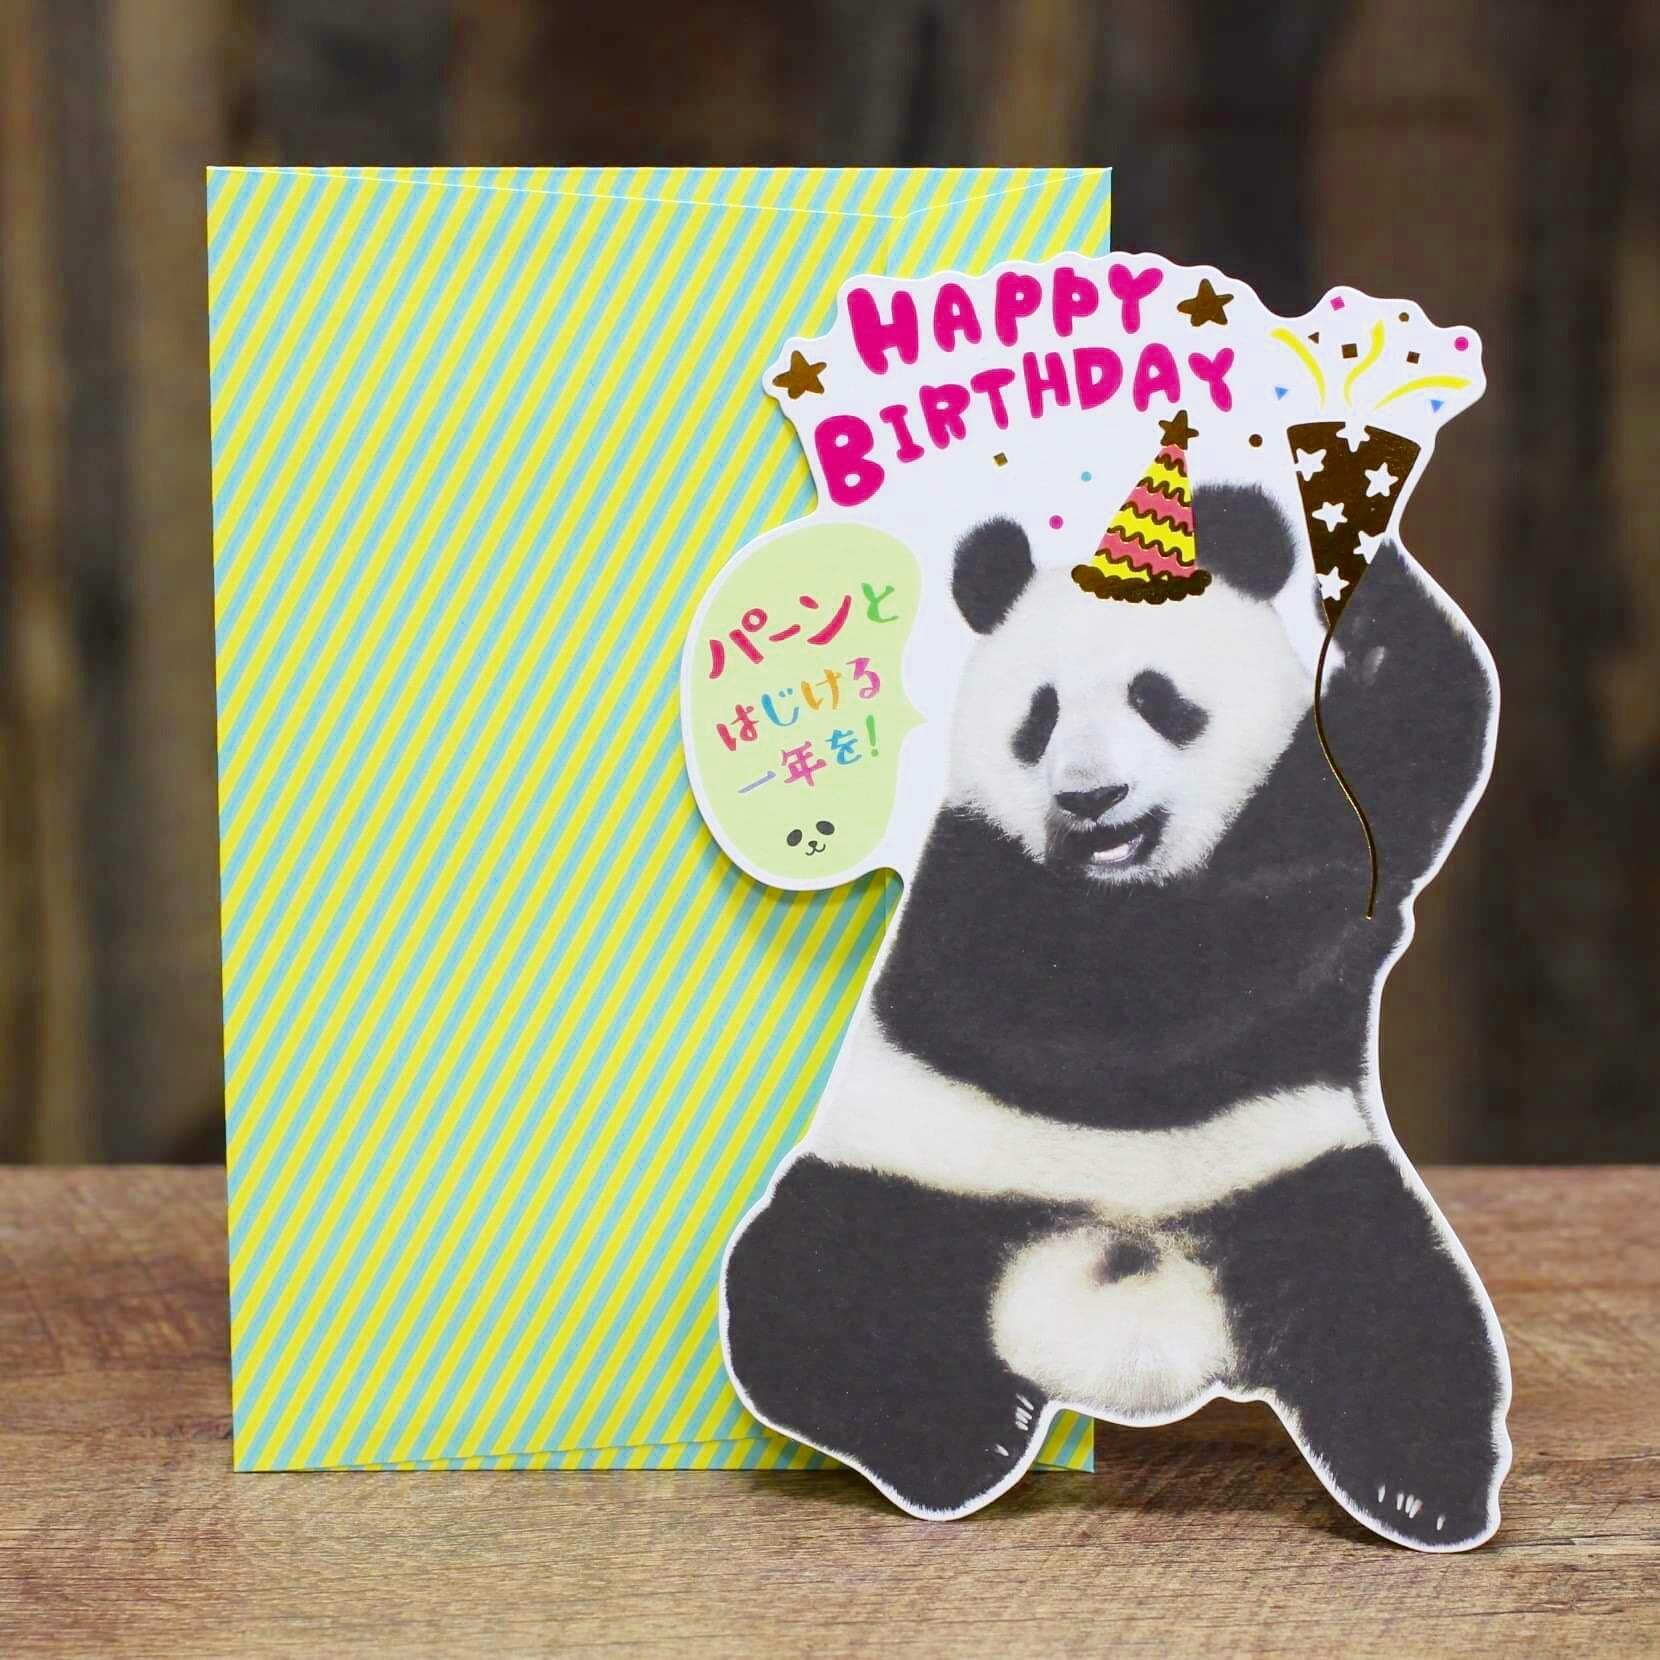 パンダ/メッセージカード/誕生日カード/web限定価格  浜松雑貨屋 C0pernicus  便箋・封筒レターセット